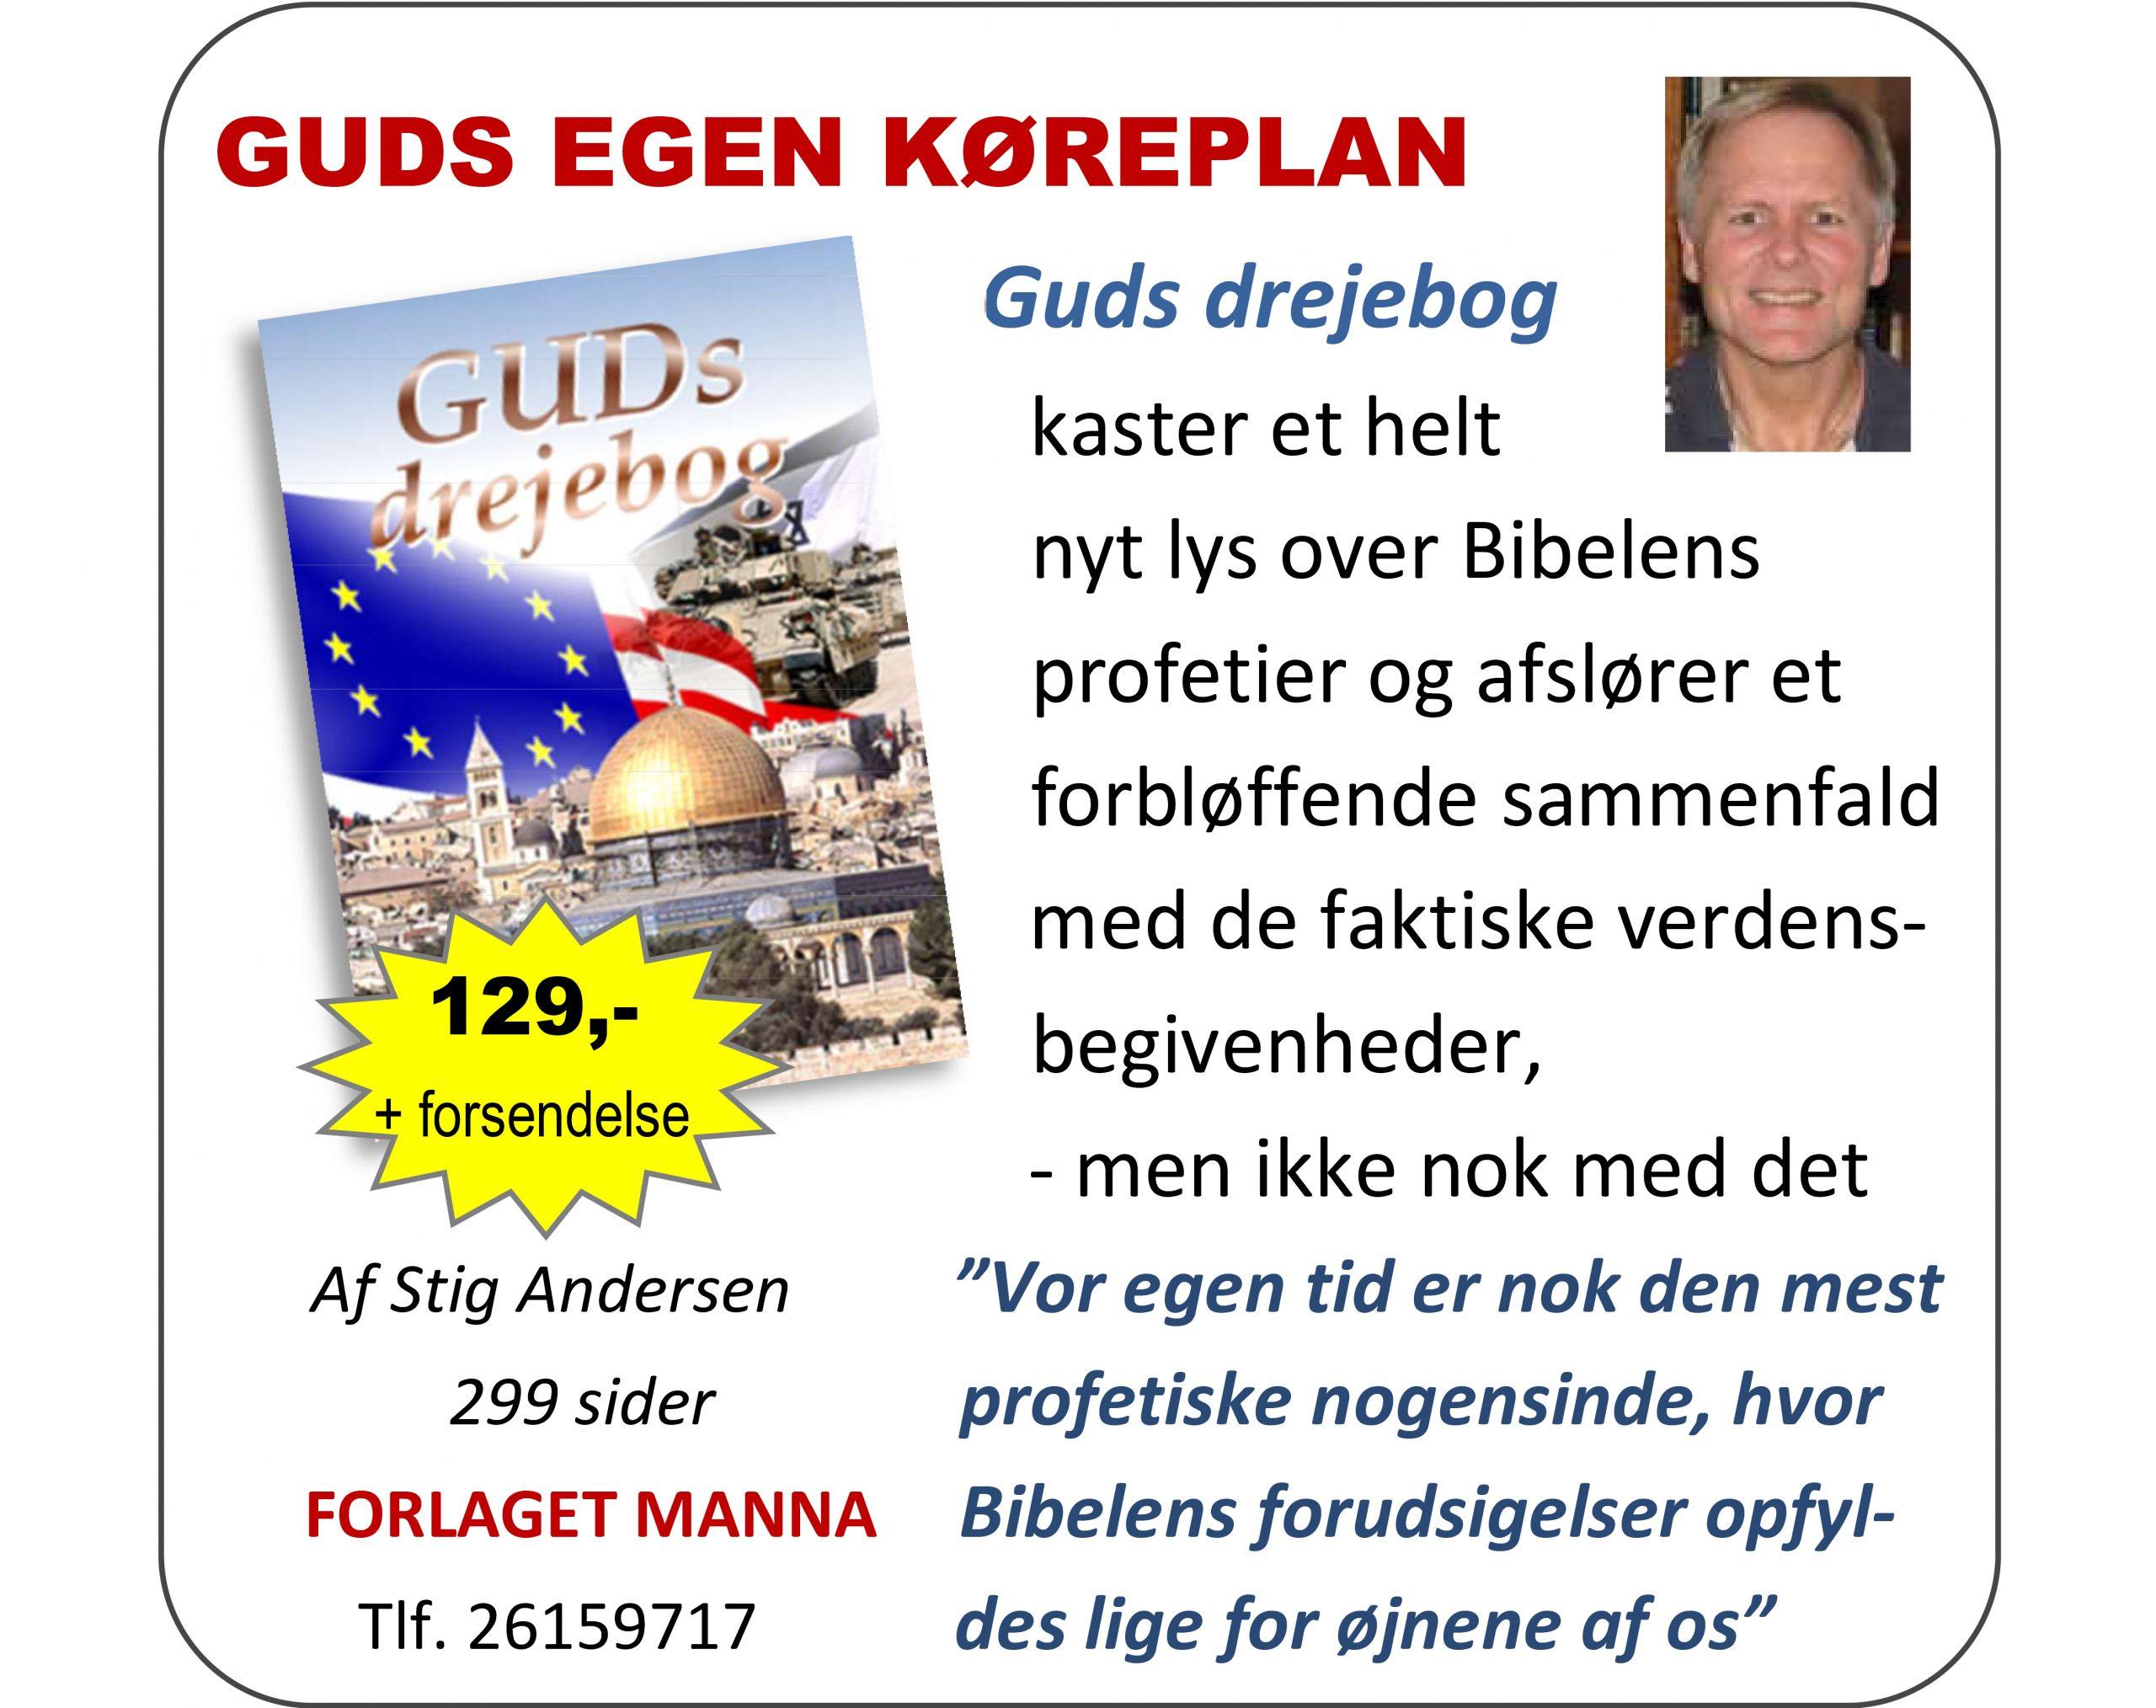 Forlaget Manna